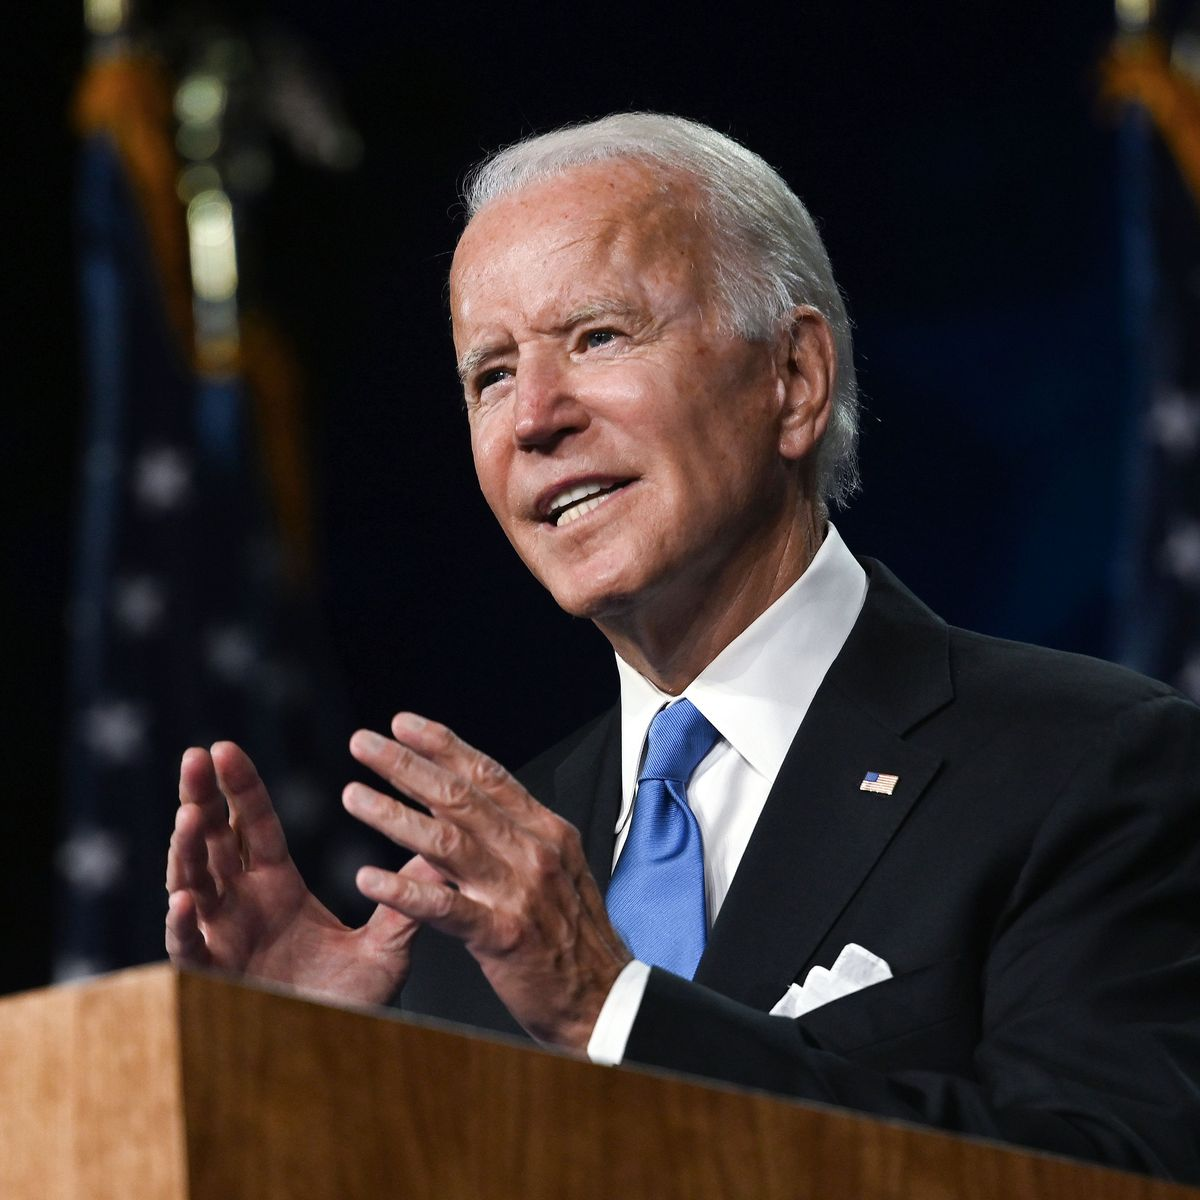 Joe Biden Hits His Stride at Democratic National Convention